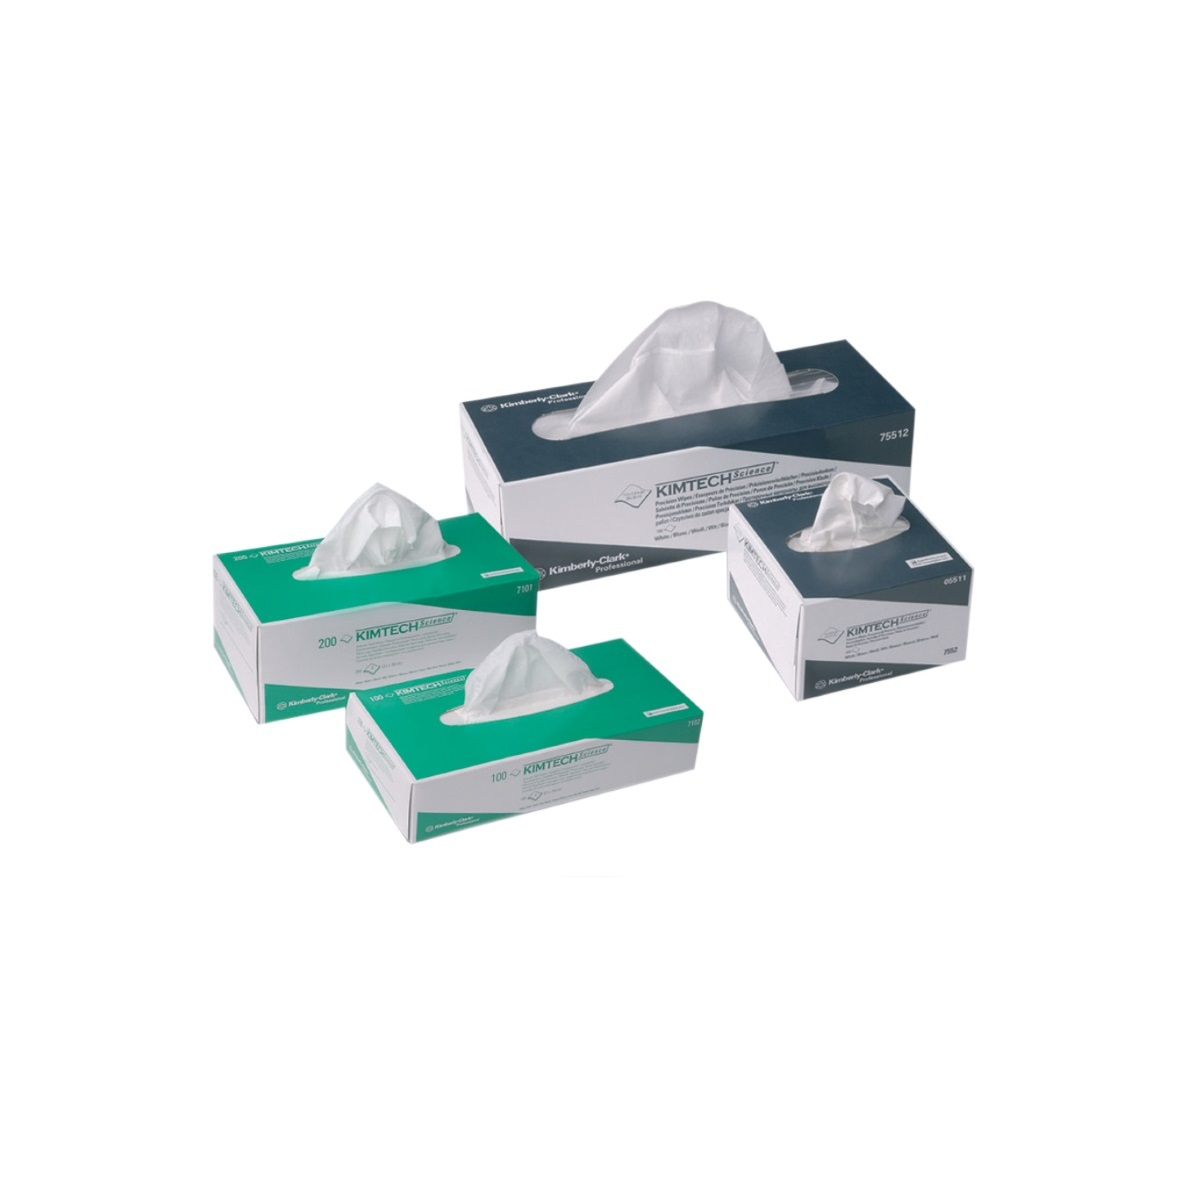 Chusteczki i ściereczki do czyszczenia i konserwacji sprzętu